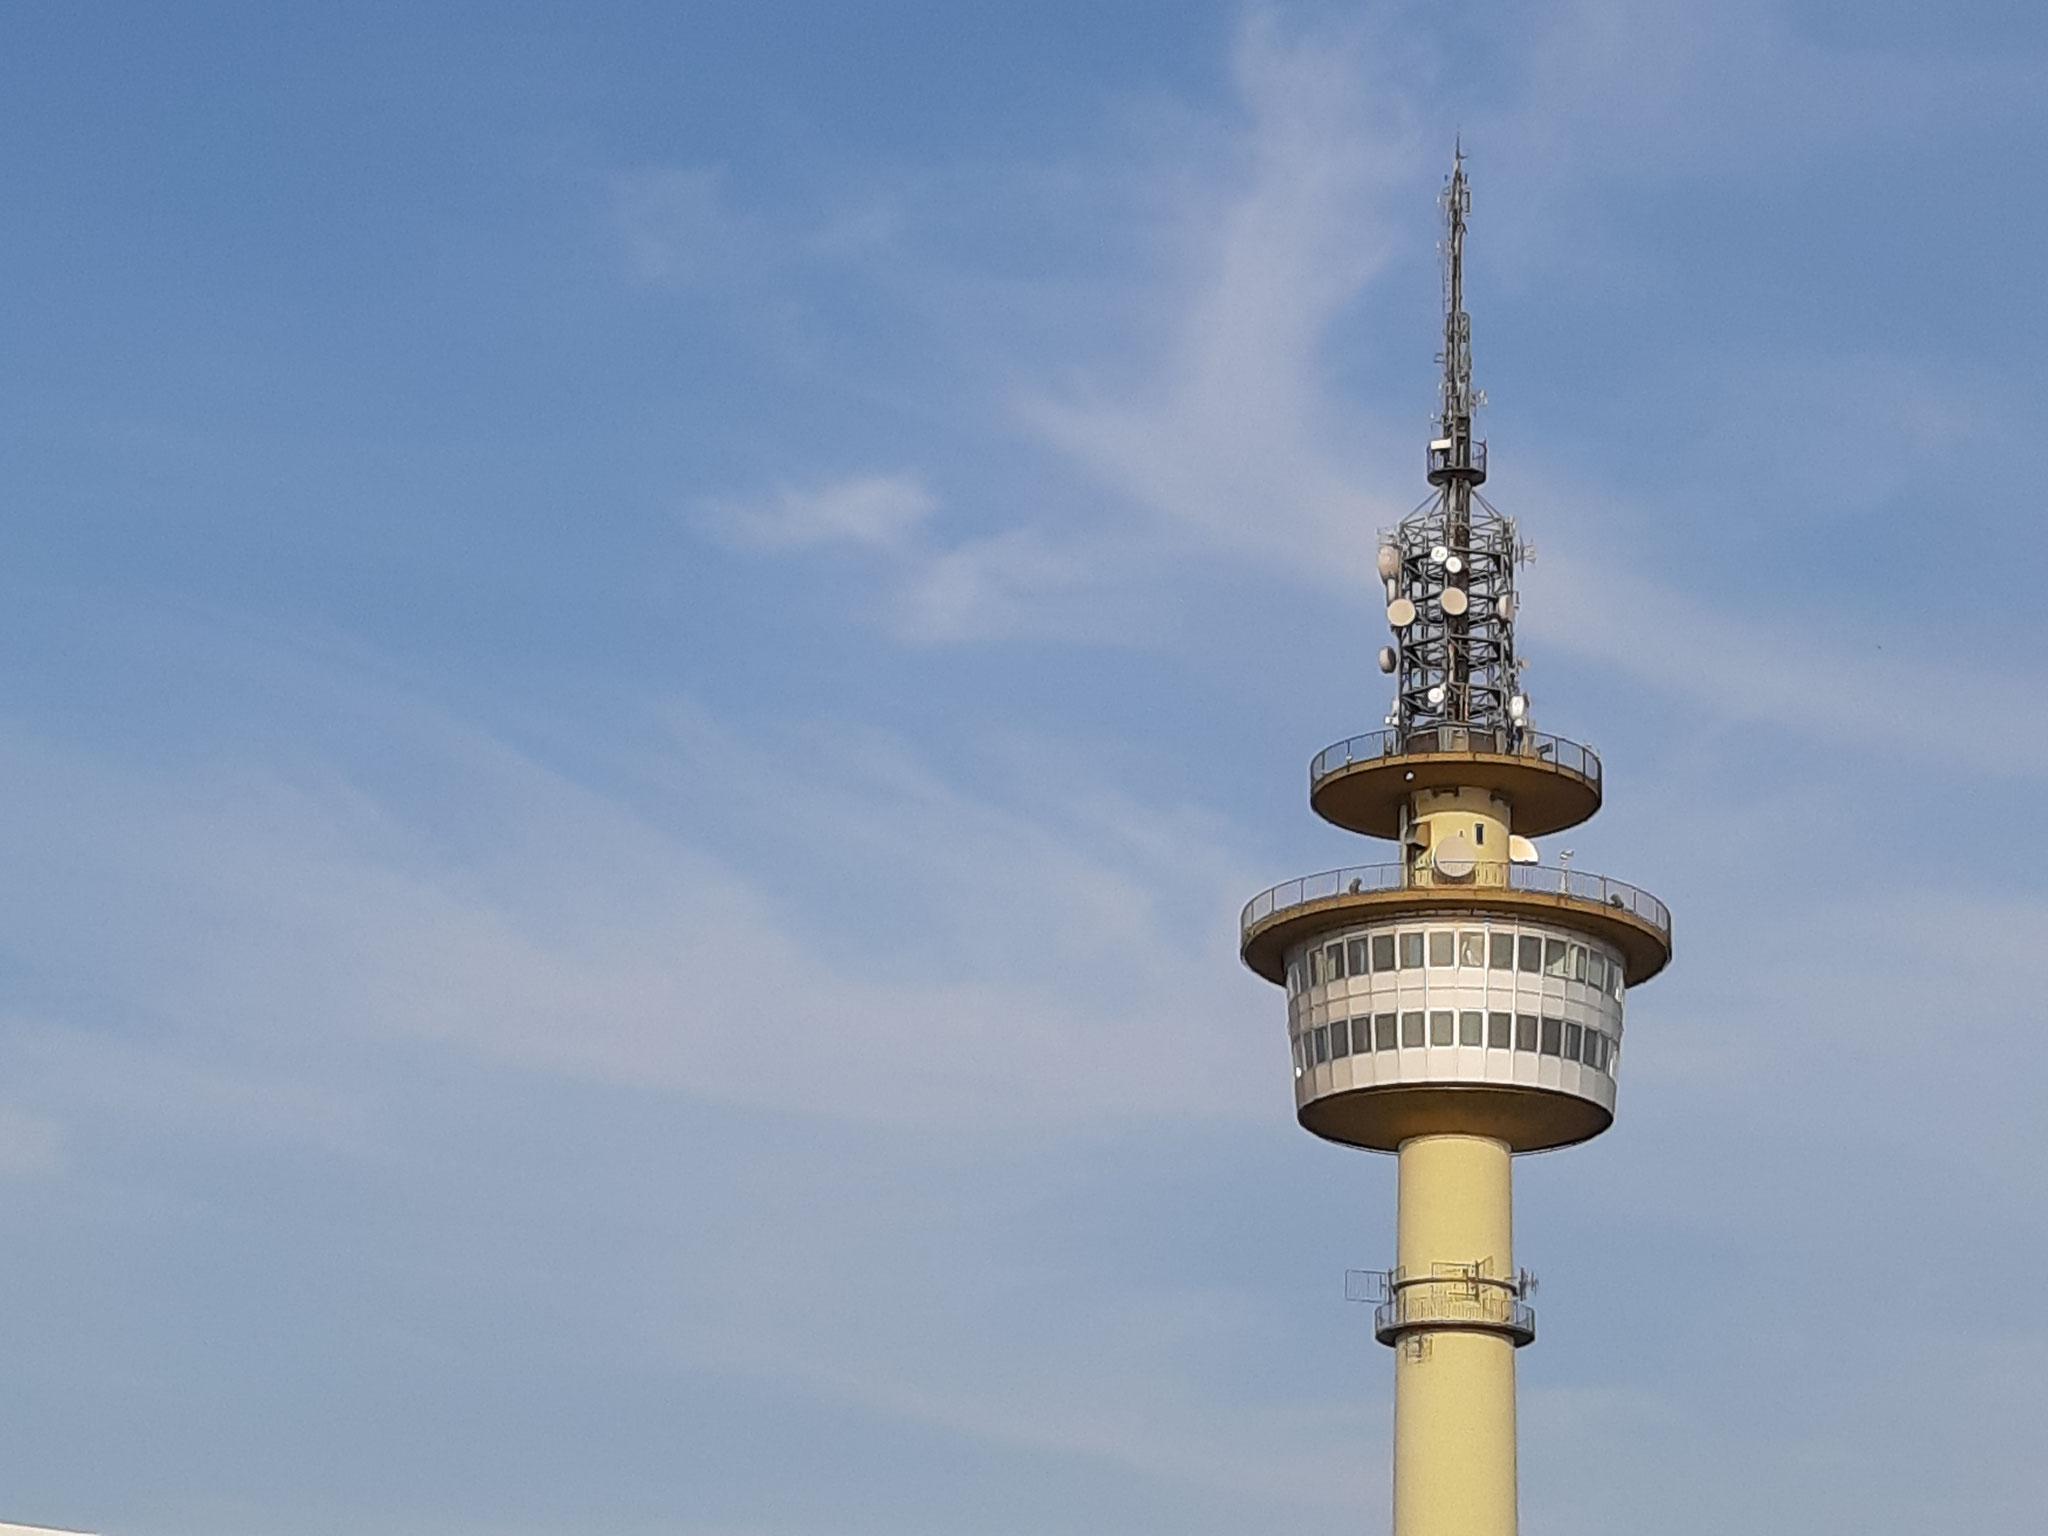 Richtfunkturm Bremerhaven